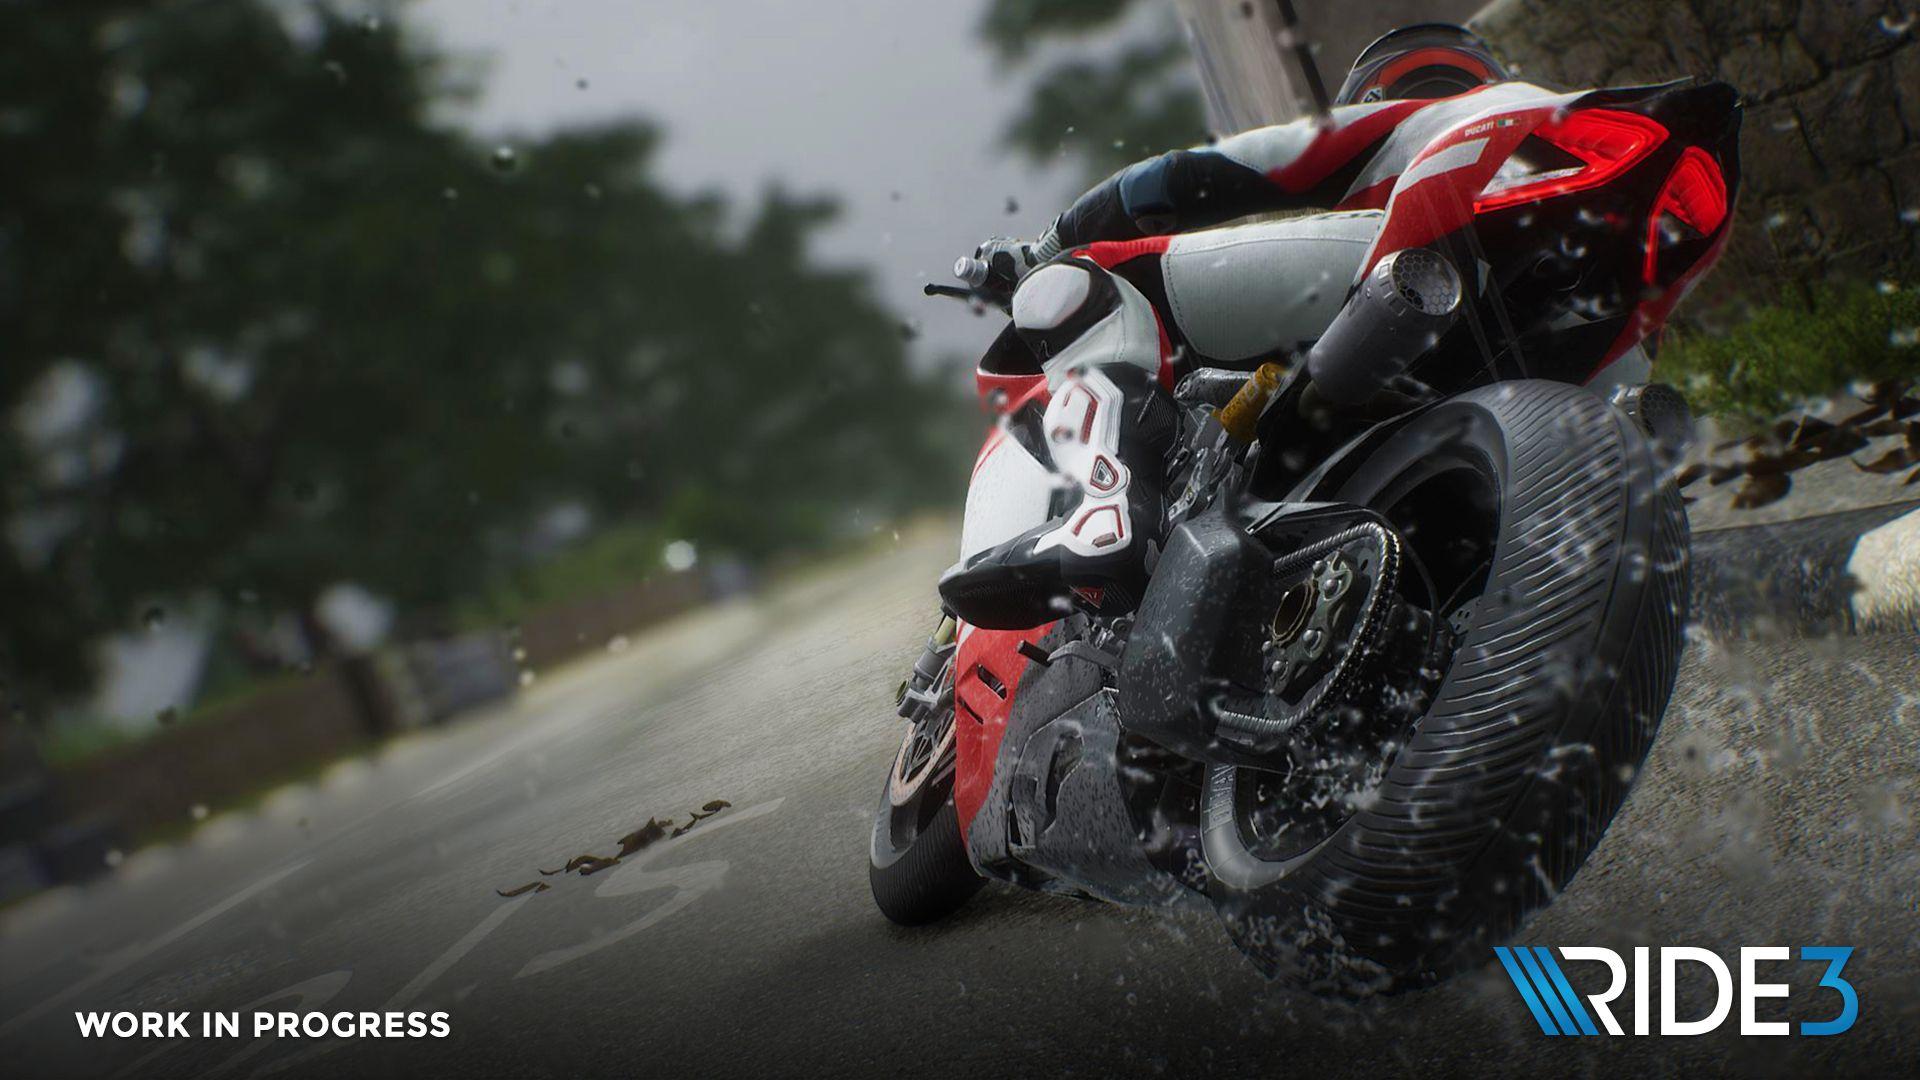 تماشا کنید: تریلر جدید Ride 3 بر روی شخصی سازی و نسخههای مخصوص بازی تمرکز میکند